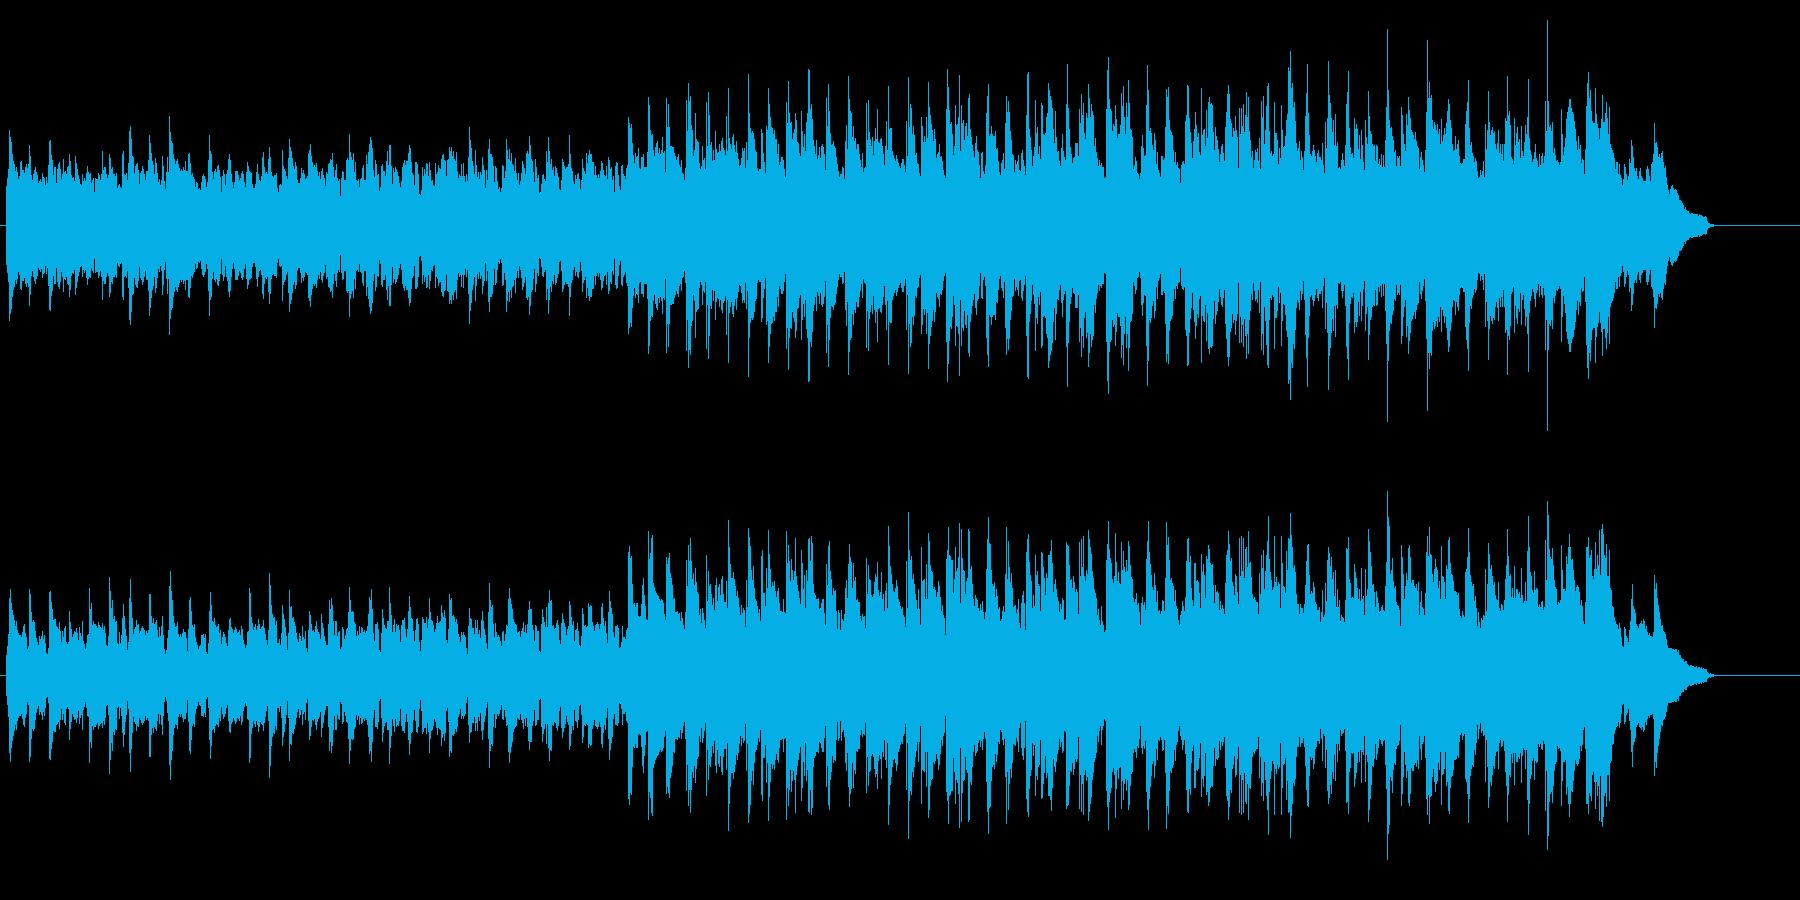 シンプルでのどかな印象のマイナーポップスの再生済みの波形